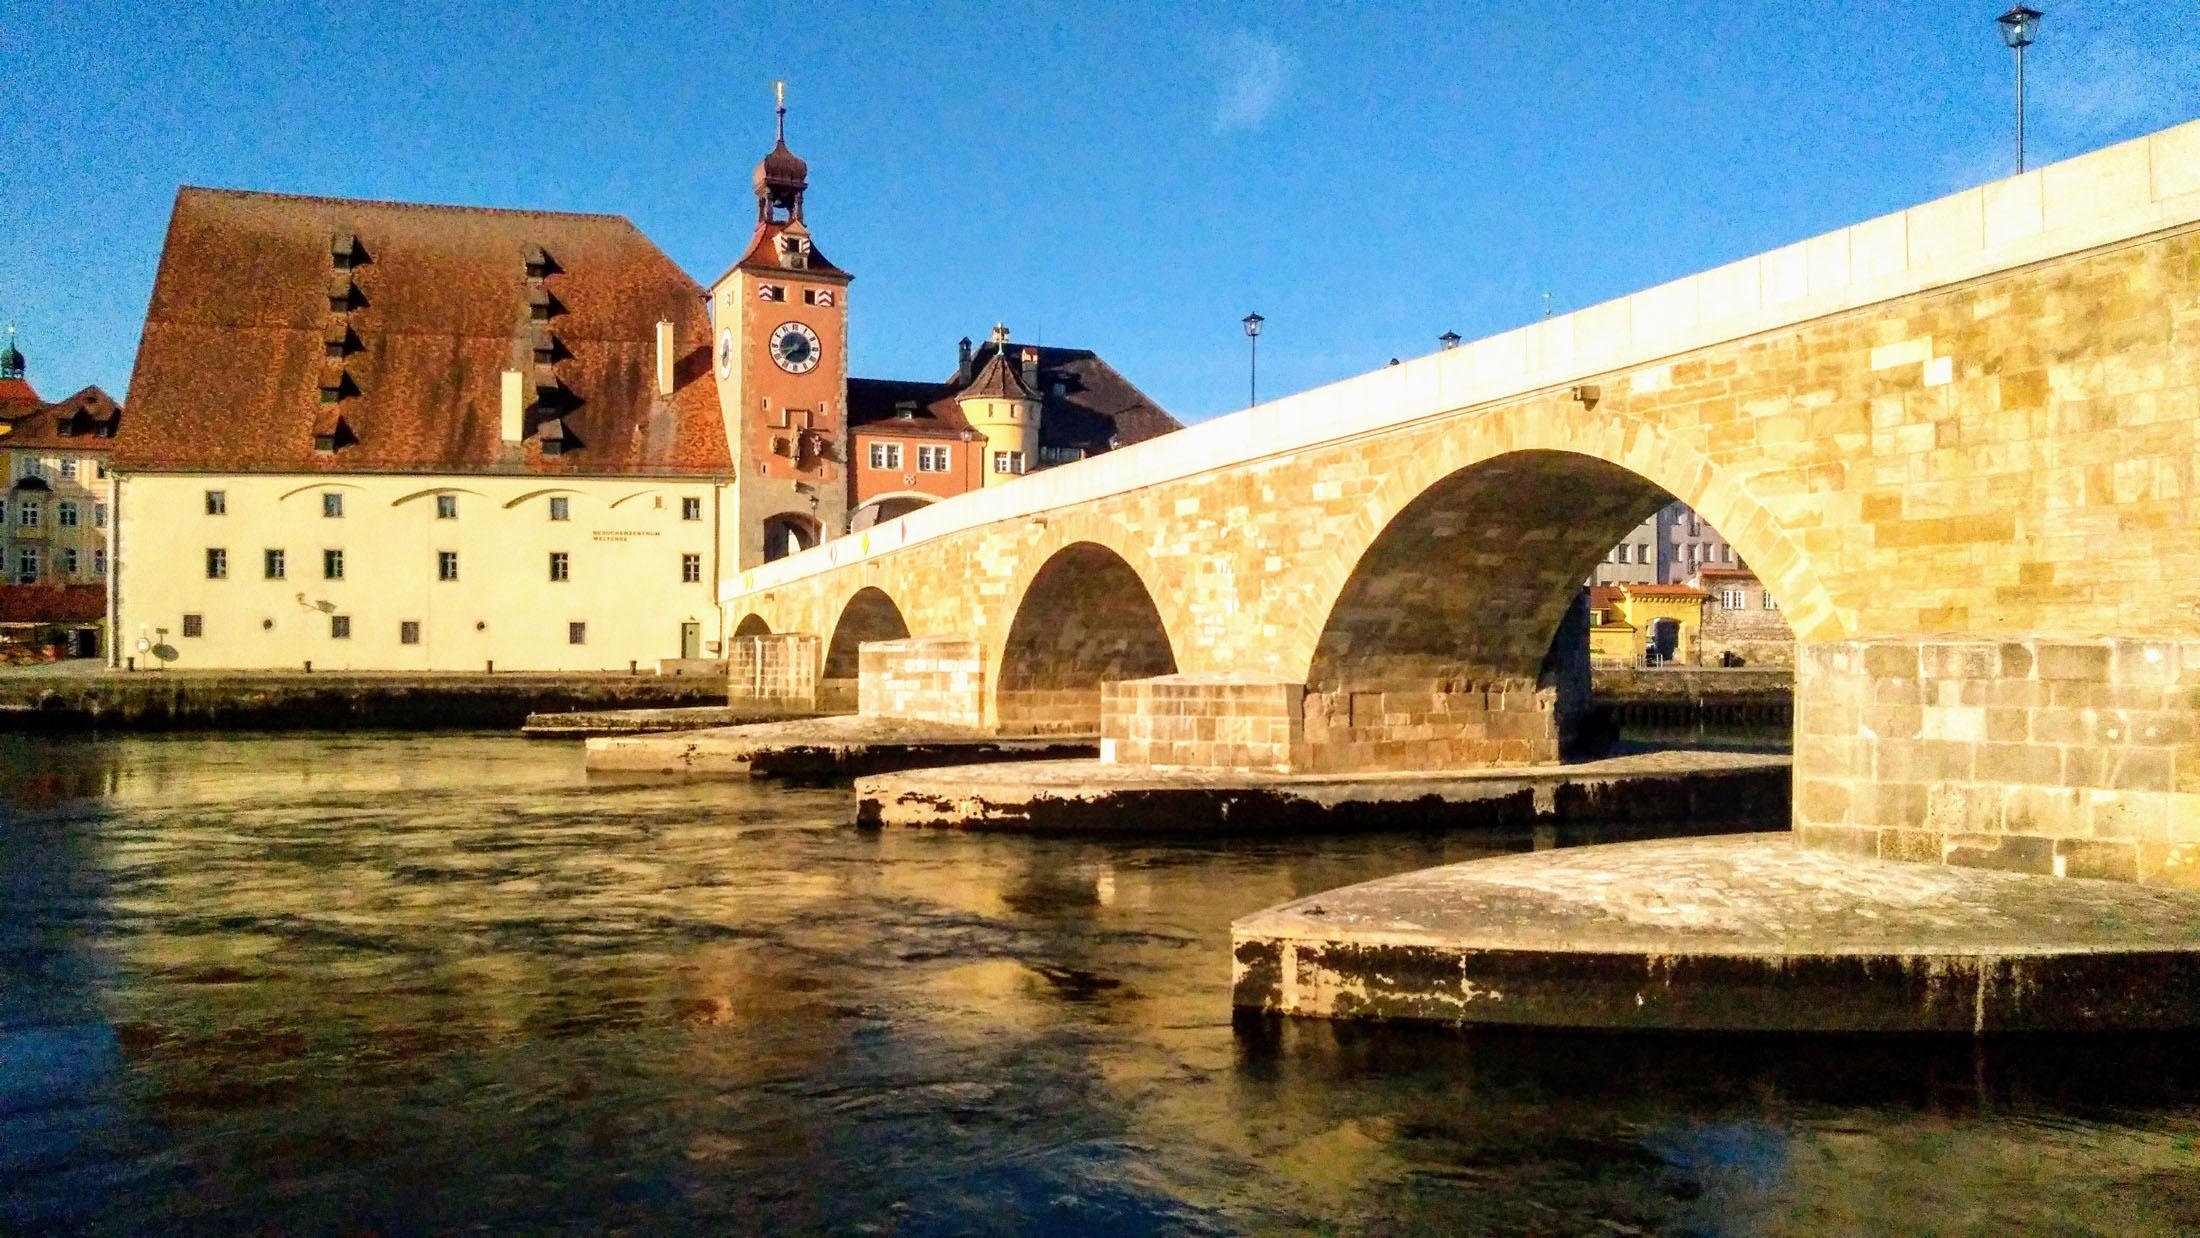 The Stone Bridge is a wonder of the world. - Die Steinerne Brücke ist ein wichtiges Wahrzeichen von Regensburg.